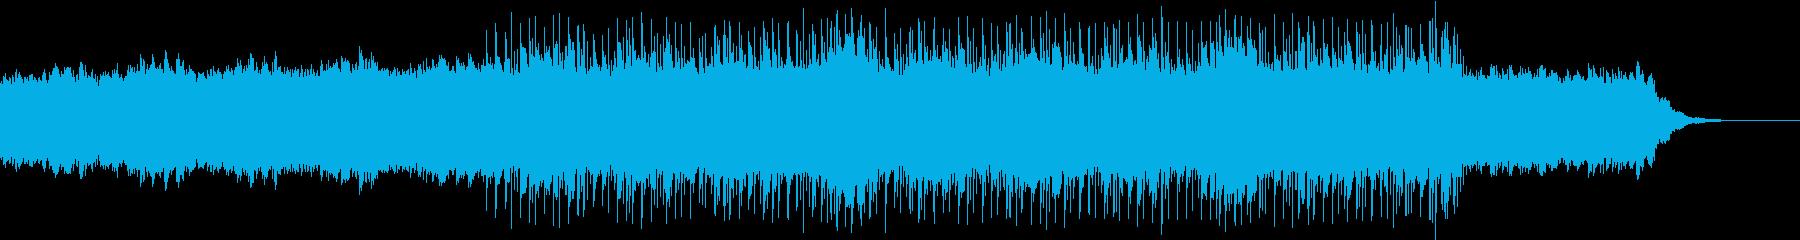 劇伴/幻想的でスローなエレクトロの再生済みの波形